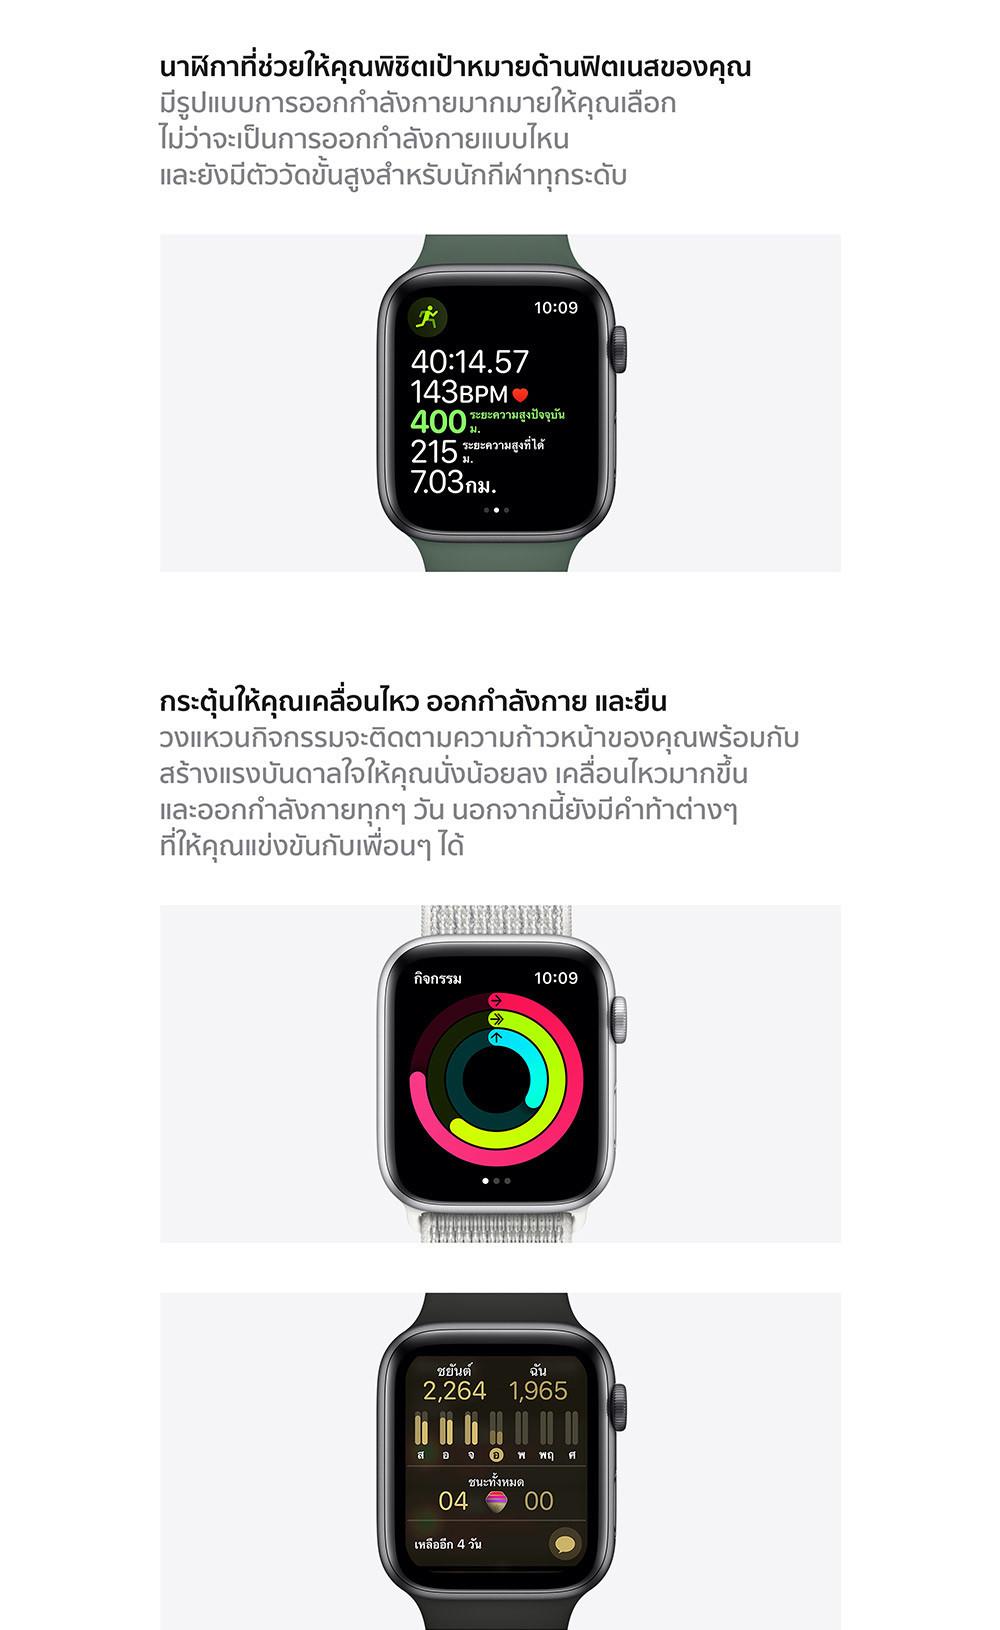 c3applewatchseries53.jpg